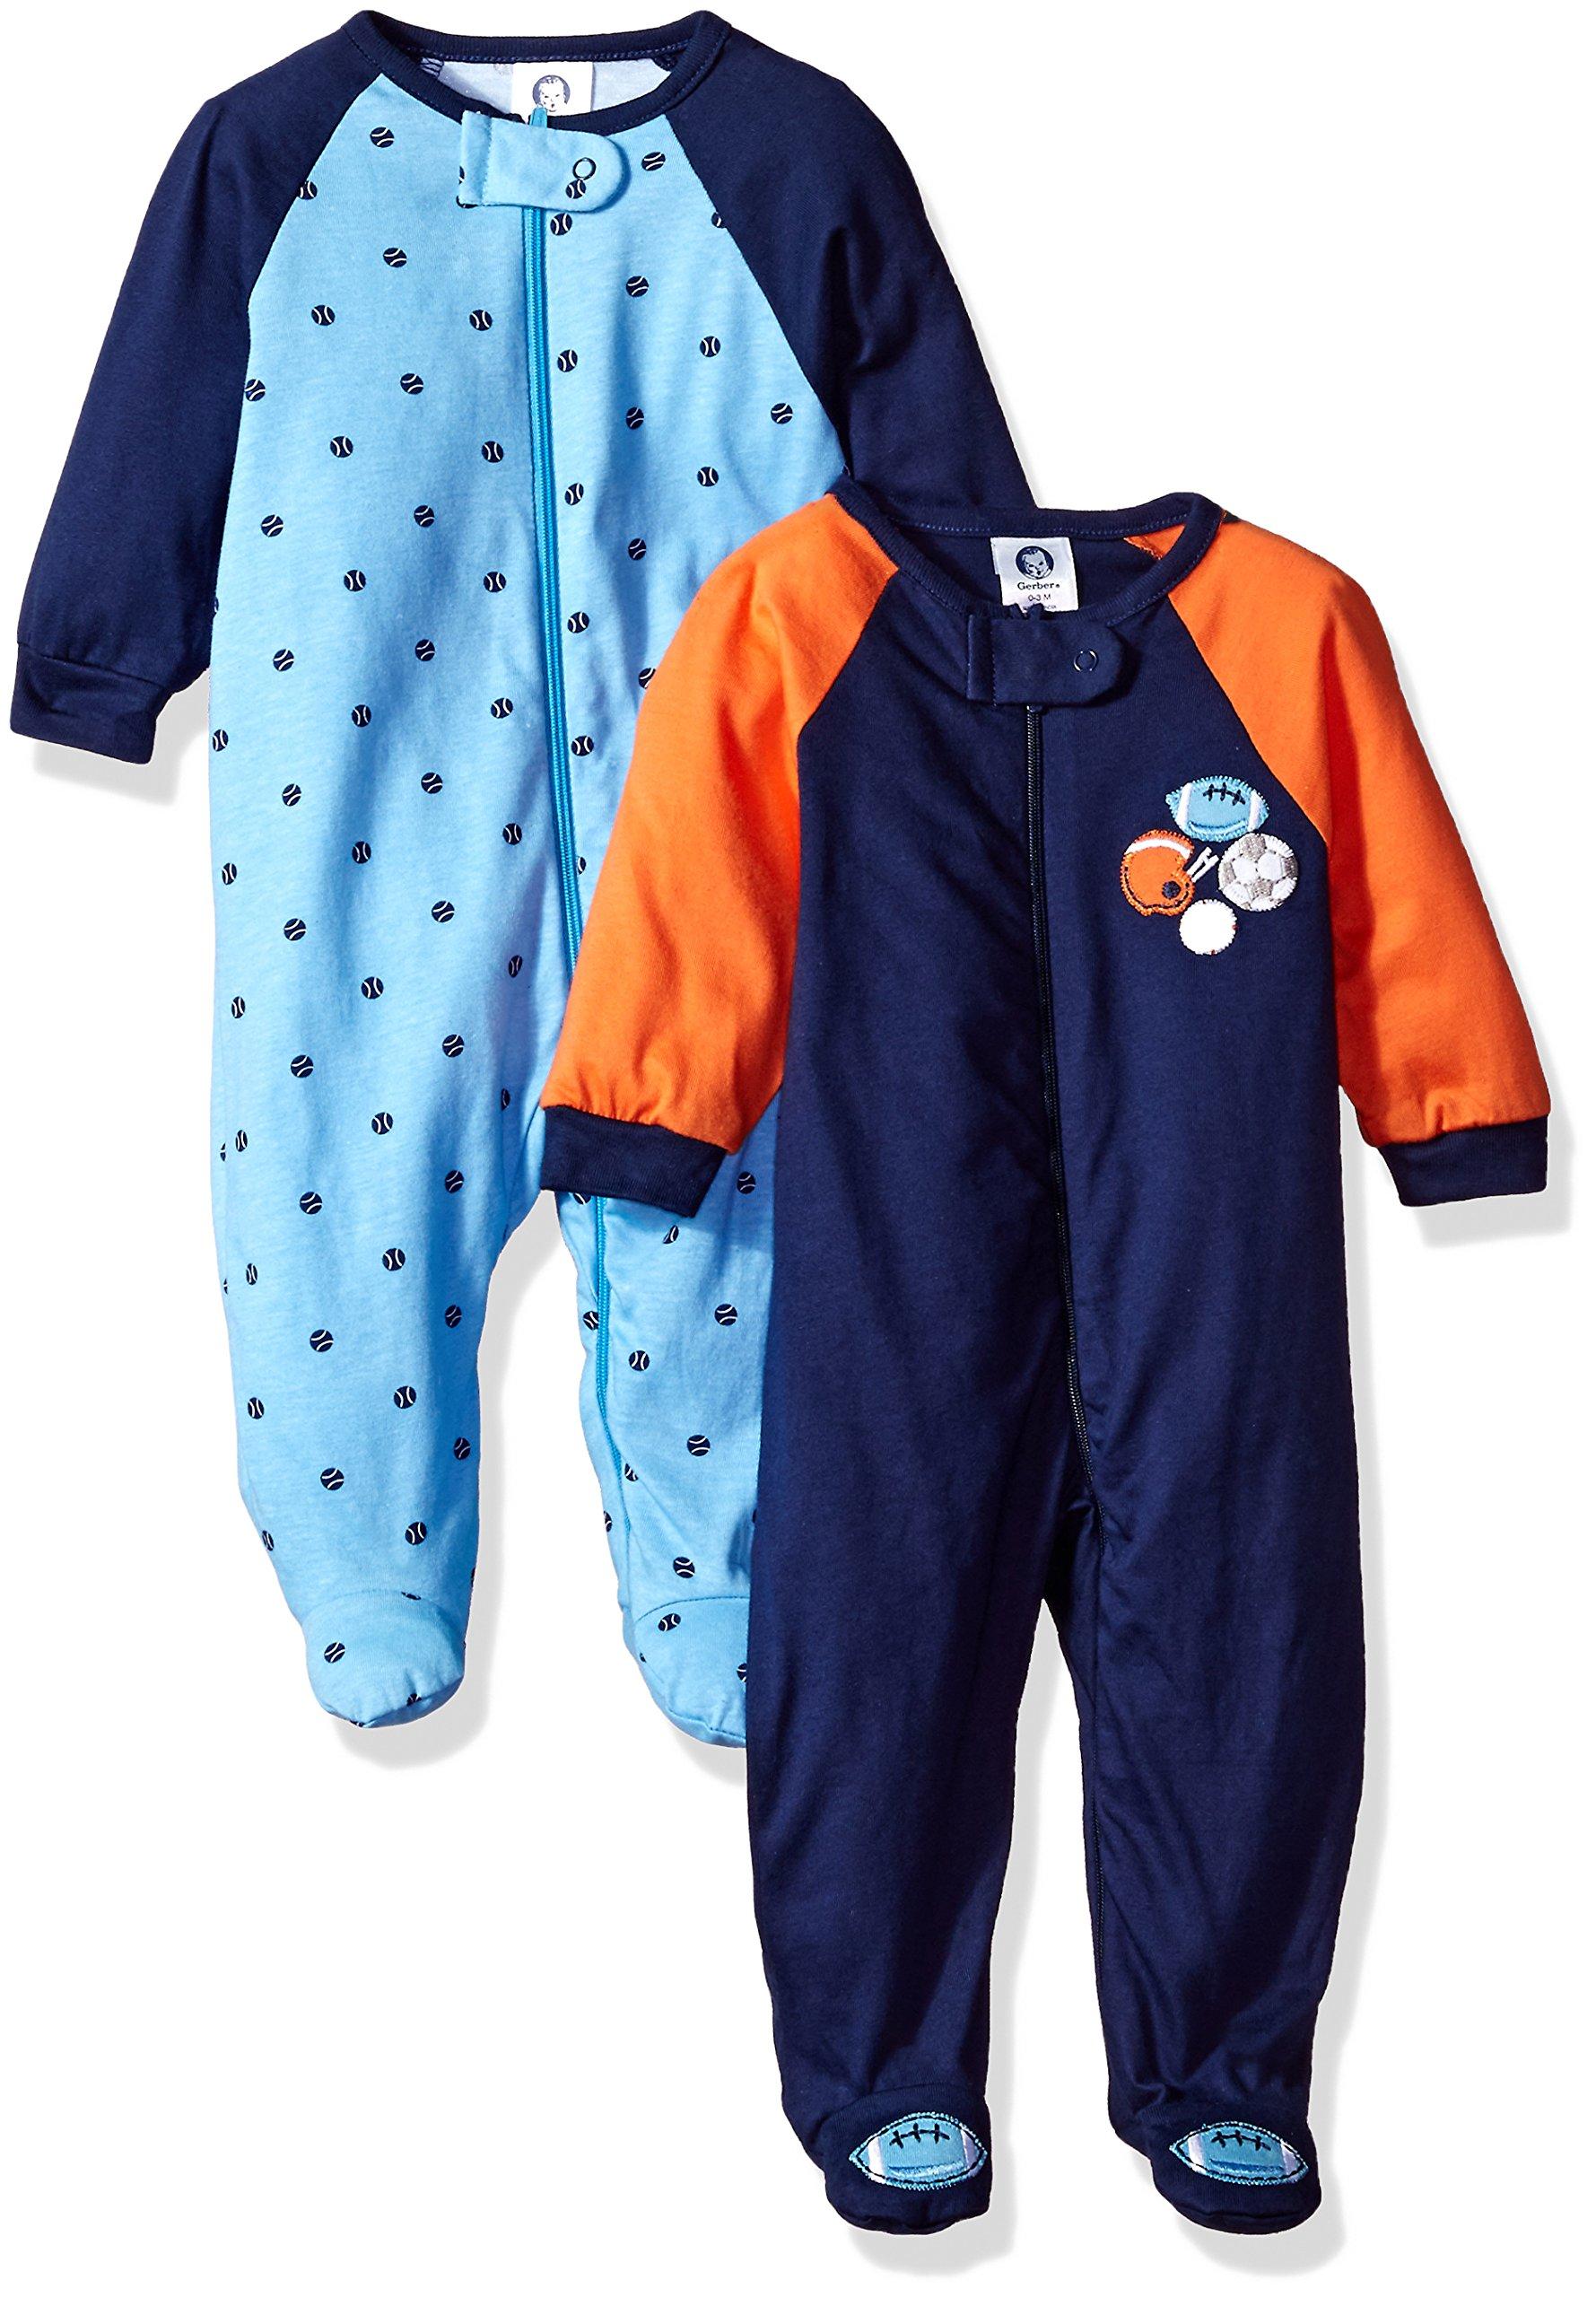 Gerber Baby Boys 2 Pack Zip Front Sleep 'n Play, Lil Athlete, 0-3 Months